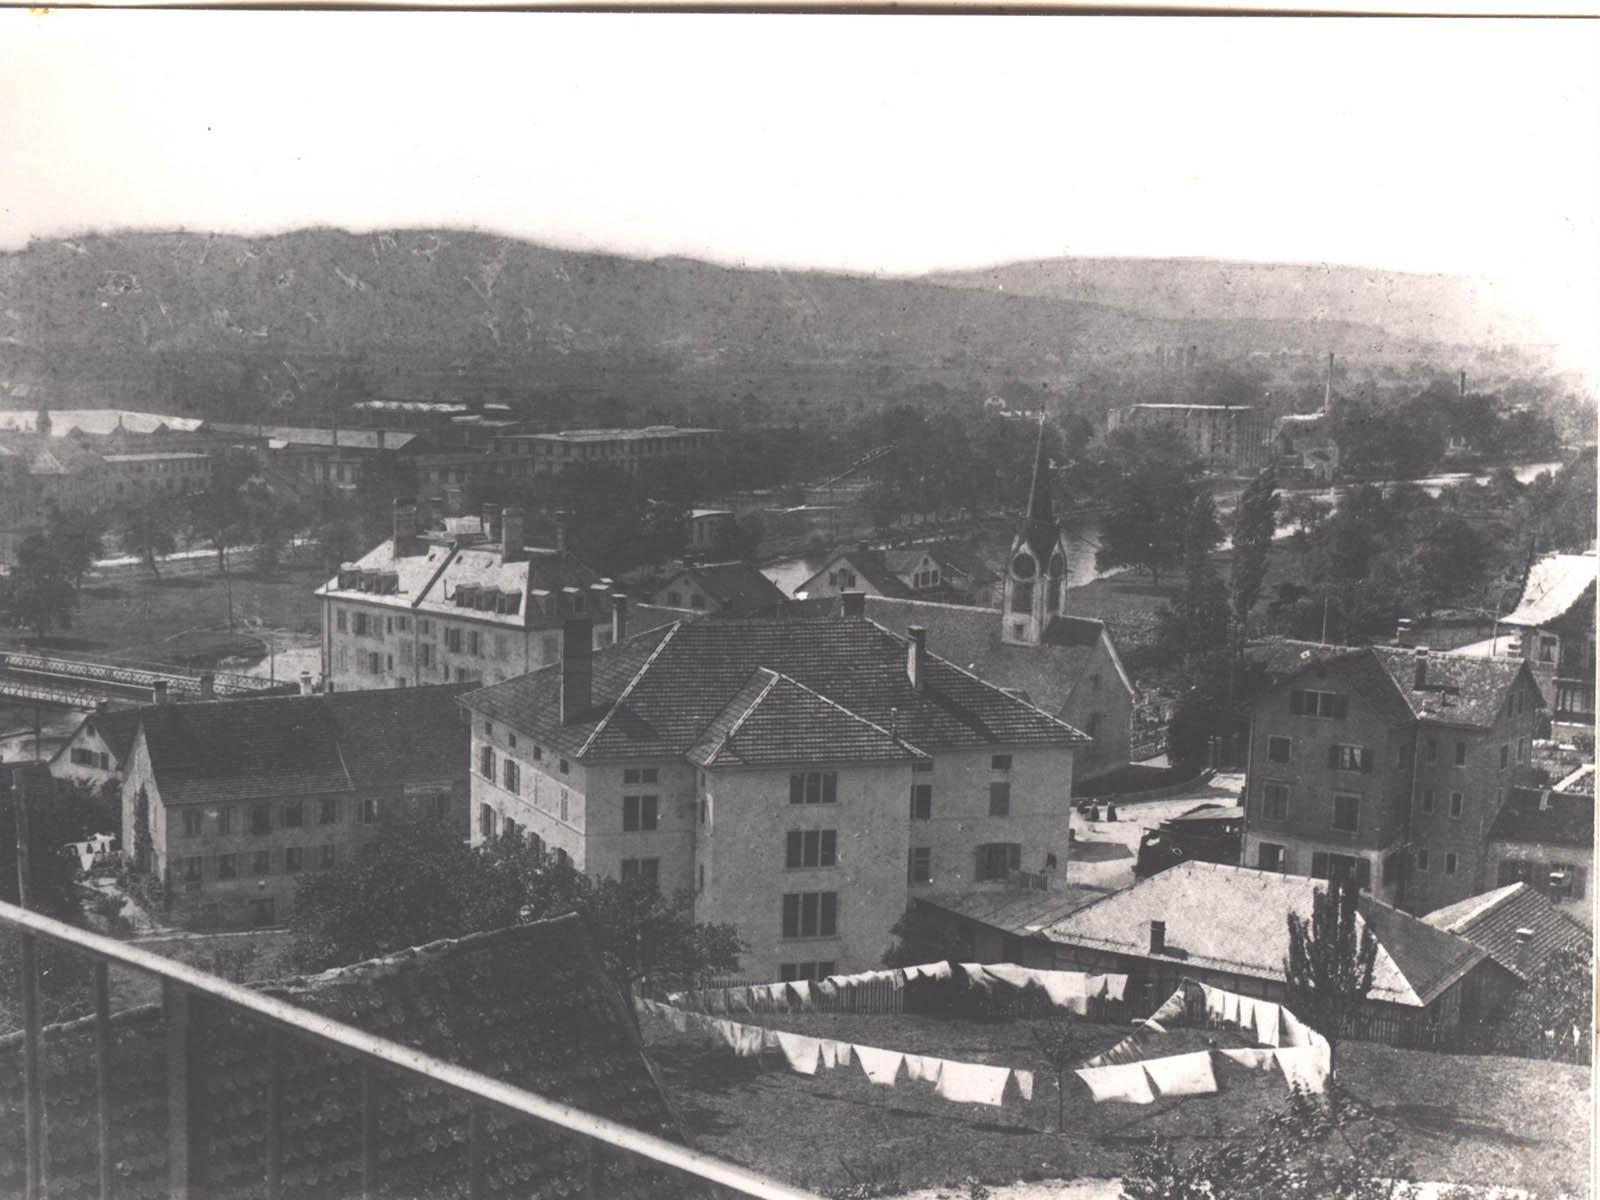 Der Dorfkern der Gemeinde Wipkingen um 1895